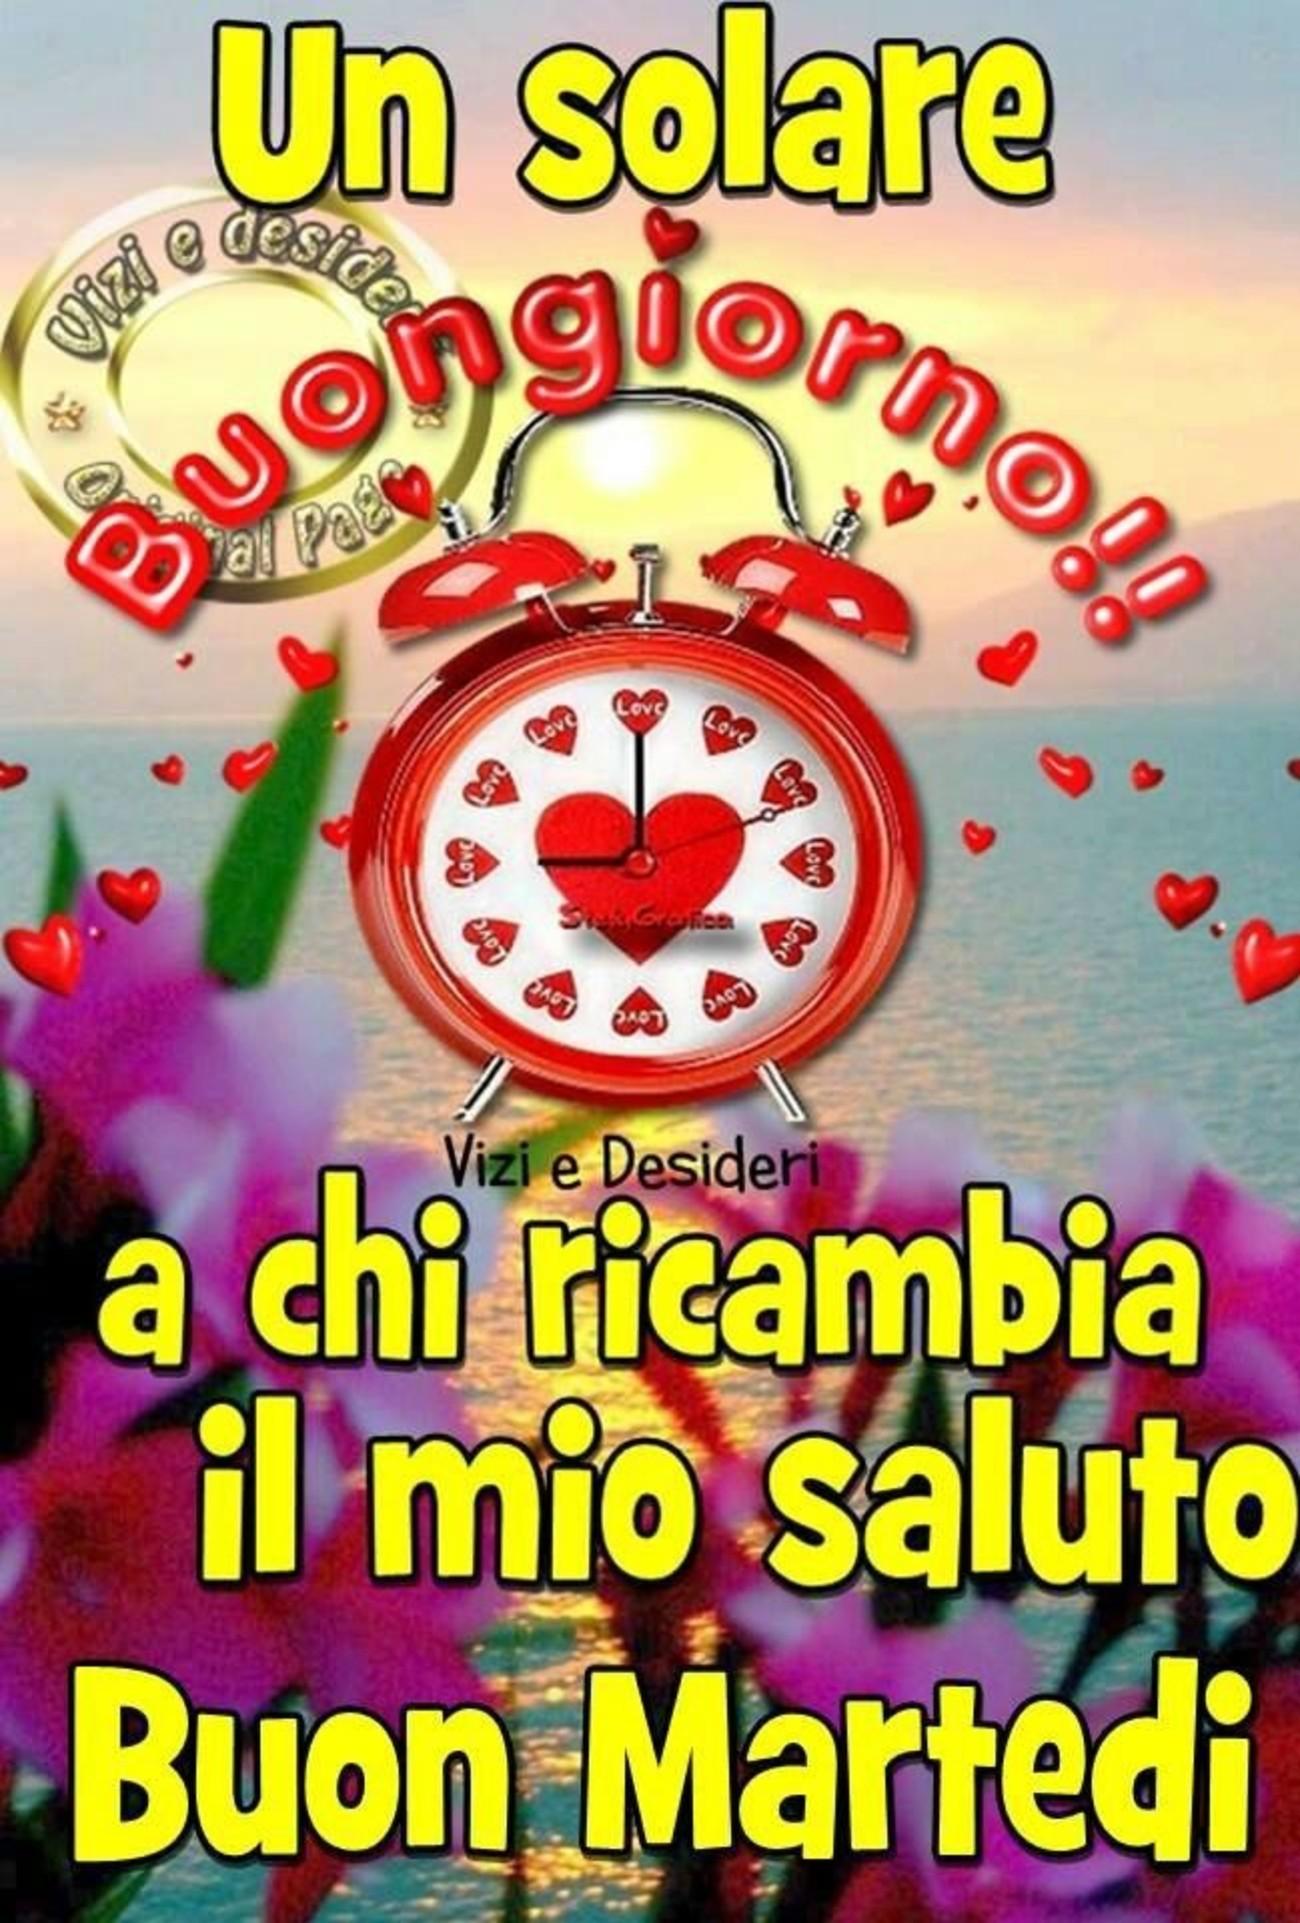 Buon Martedì A Tutti Gli Amici 3364 Immaginifacebook It